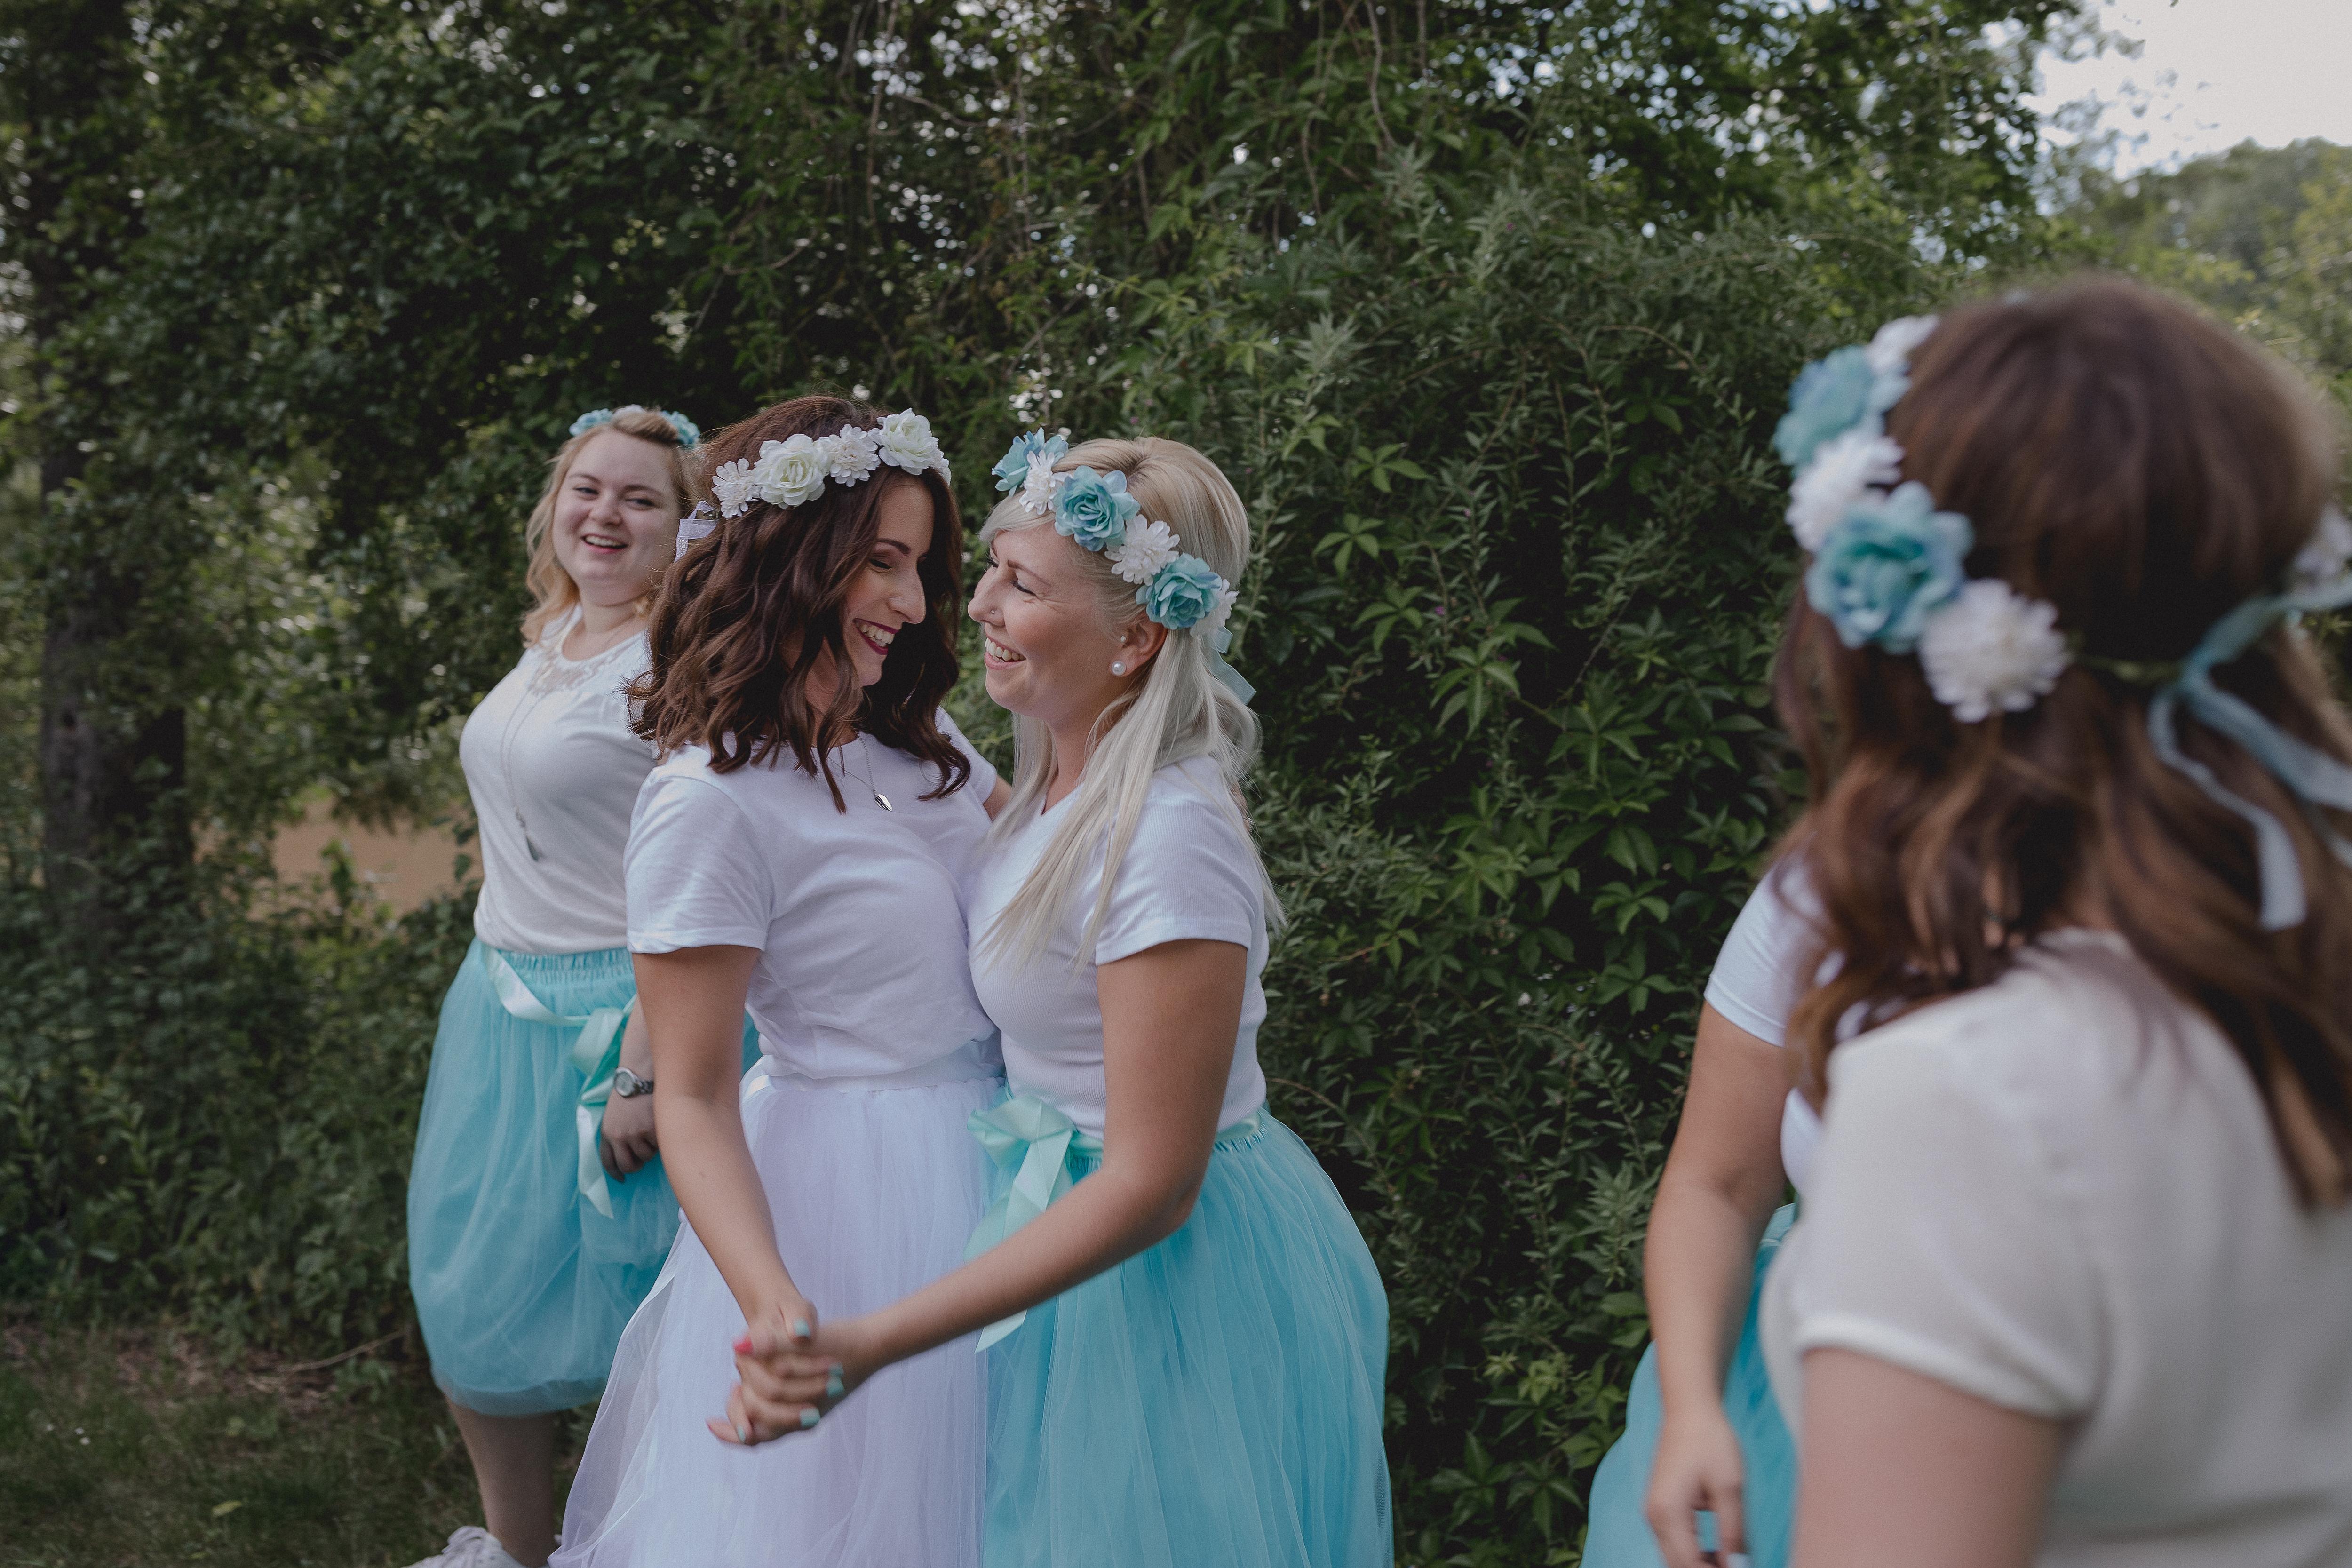 URBANERIE_Daniela_Goth_Hochzeitsfotografin_Nuernberg_Fuerth_Erlangen_180602_0214